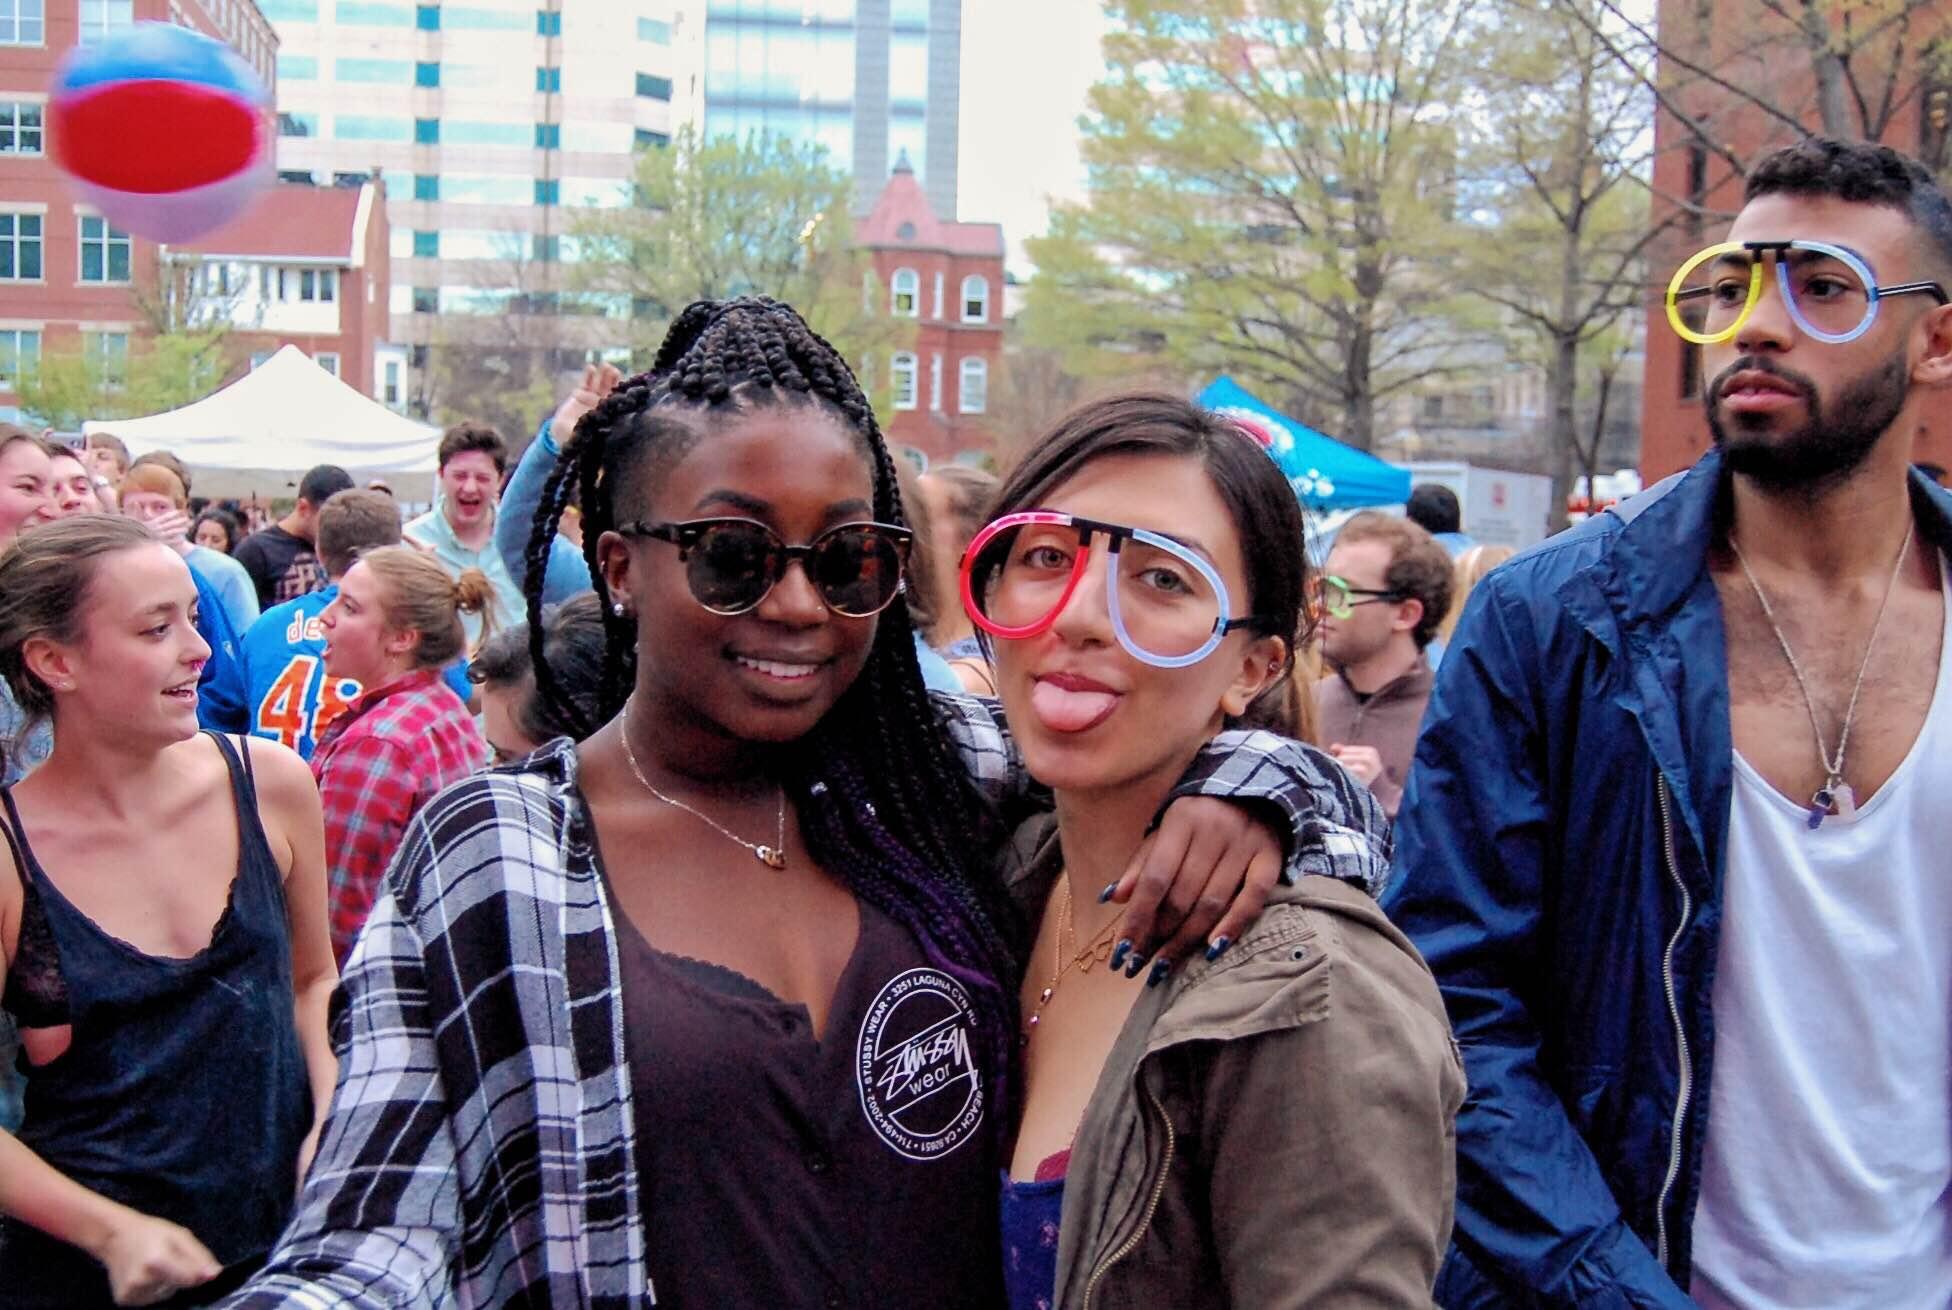 Students at GW Spring Fling